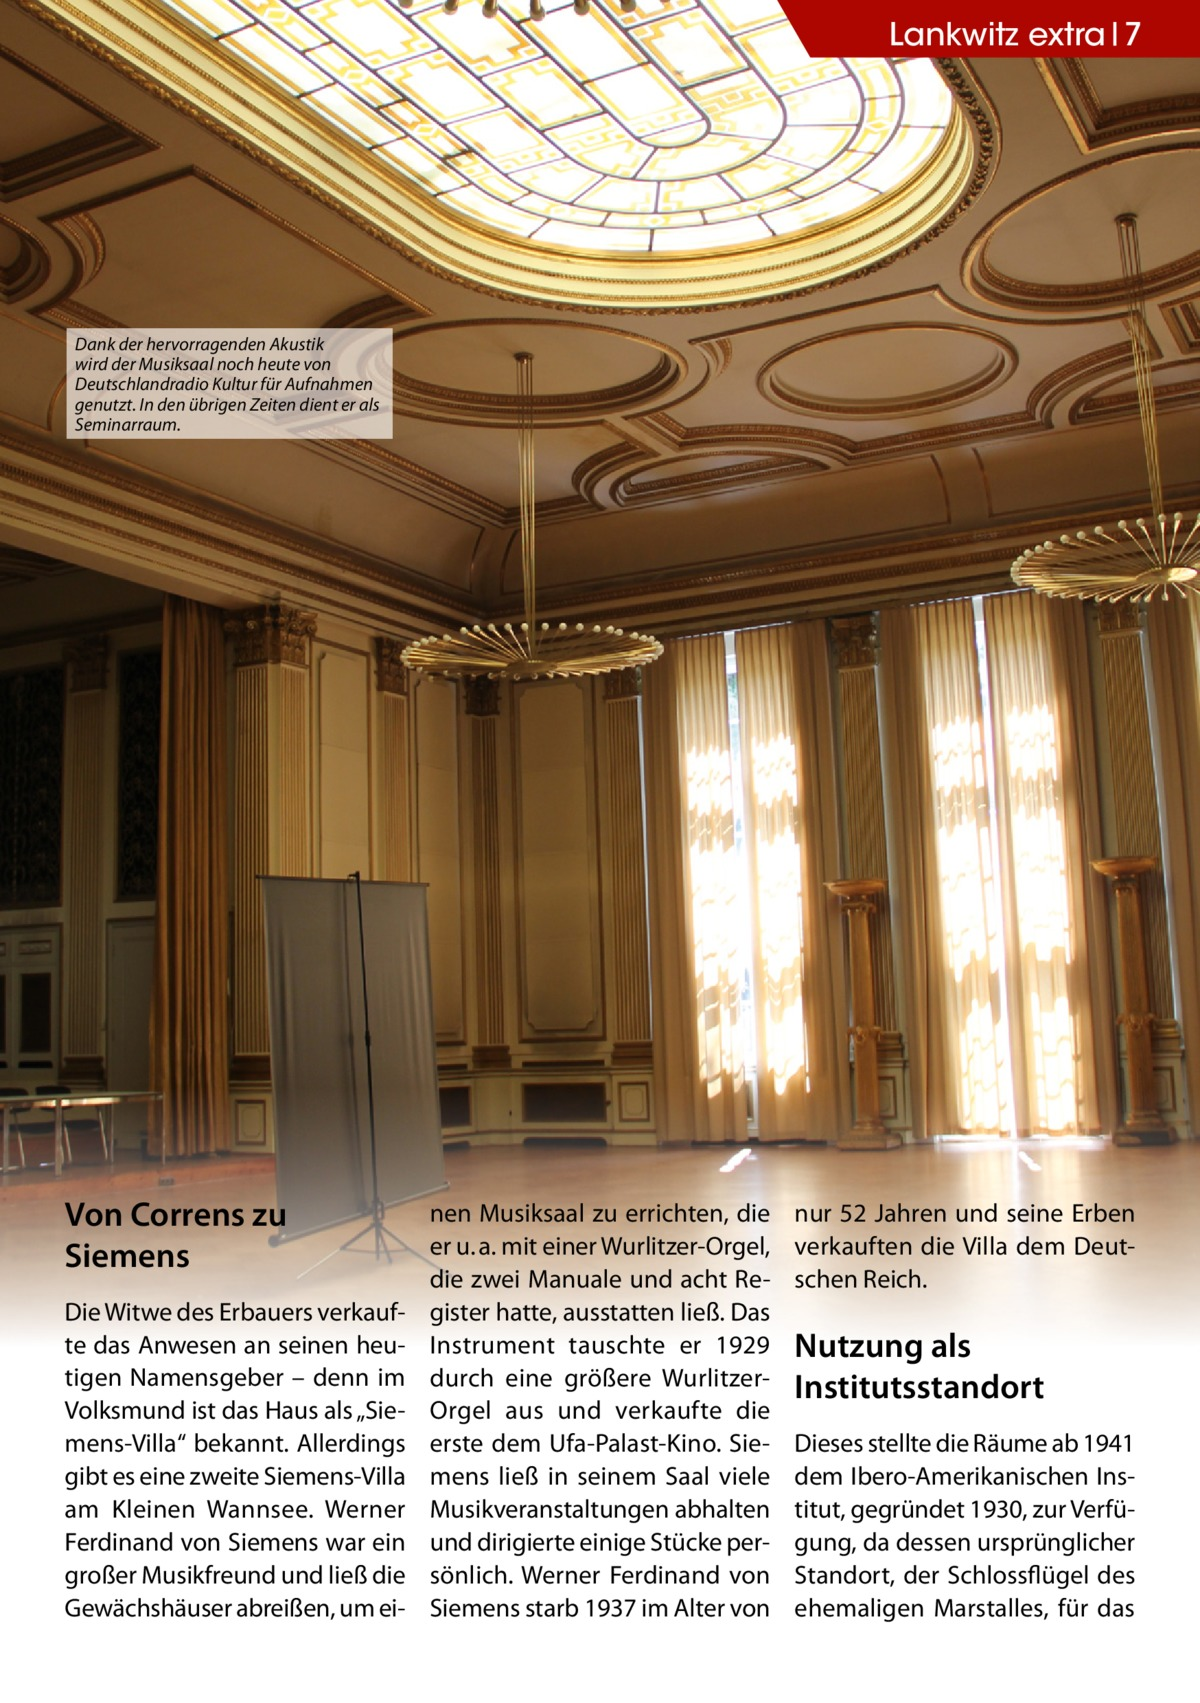 """Lankwitz extra 7  Dank der hervorragenden Akustik wird der Musiksaal noch heute von Deutschlandradio Kultur für Aufnahmen genutzt. In den übrigen Zeiten dient er als Seminarraum.  Von Correns zu Siemens Die Witwe des Erbauers verkaufte das Anwesen an seinen heutigen Namensgeber – denn im Volksmund ist das Haus als """"Siemens-Villa"""" bekannt. Allerdings gibt es eine zweite Siemens-Villa am Kleinen Wannsee. Werner Ferdinand von Siemens war ein großer Musikfreund und ließ die Gewächshäuser abreißen, um ei nen Musiksaal zu errichten, die er u. a. mit einer Wurlitzer-Orgel, die zwei Manuale und acht Register hatte, ausstatten ließ. Das Instrument tauschte er 1929 durch eine größere WurlitzerOrgel aus und verkaufte die erste dem Ufa-Palast-Kino. Siemens ließ in seinem Saal viele Musikveranstaltungen abhalten und dirigierte einige Stücke persönlich. Werner Ferdinand von Siemens starb 1937 im Alter von  nur 52 Jahren und seine Erben verkauften die Villa dem Deutschen Reich.  Nutzung als Institutsstandort Dieses stellte die Räume ab 1941 dem Ibero-Amerikanischen Institut, gegründet 1930, zur Verfügung, da dessen ursprünglicher Standort, der Schlossflügel des ehemaligen Marstalles, für das"""